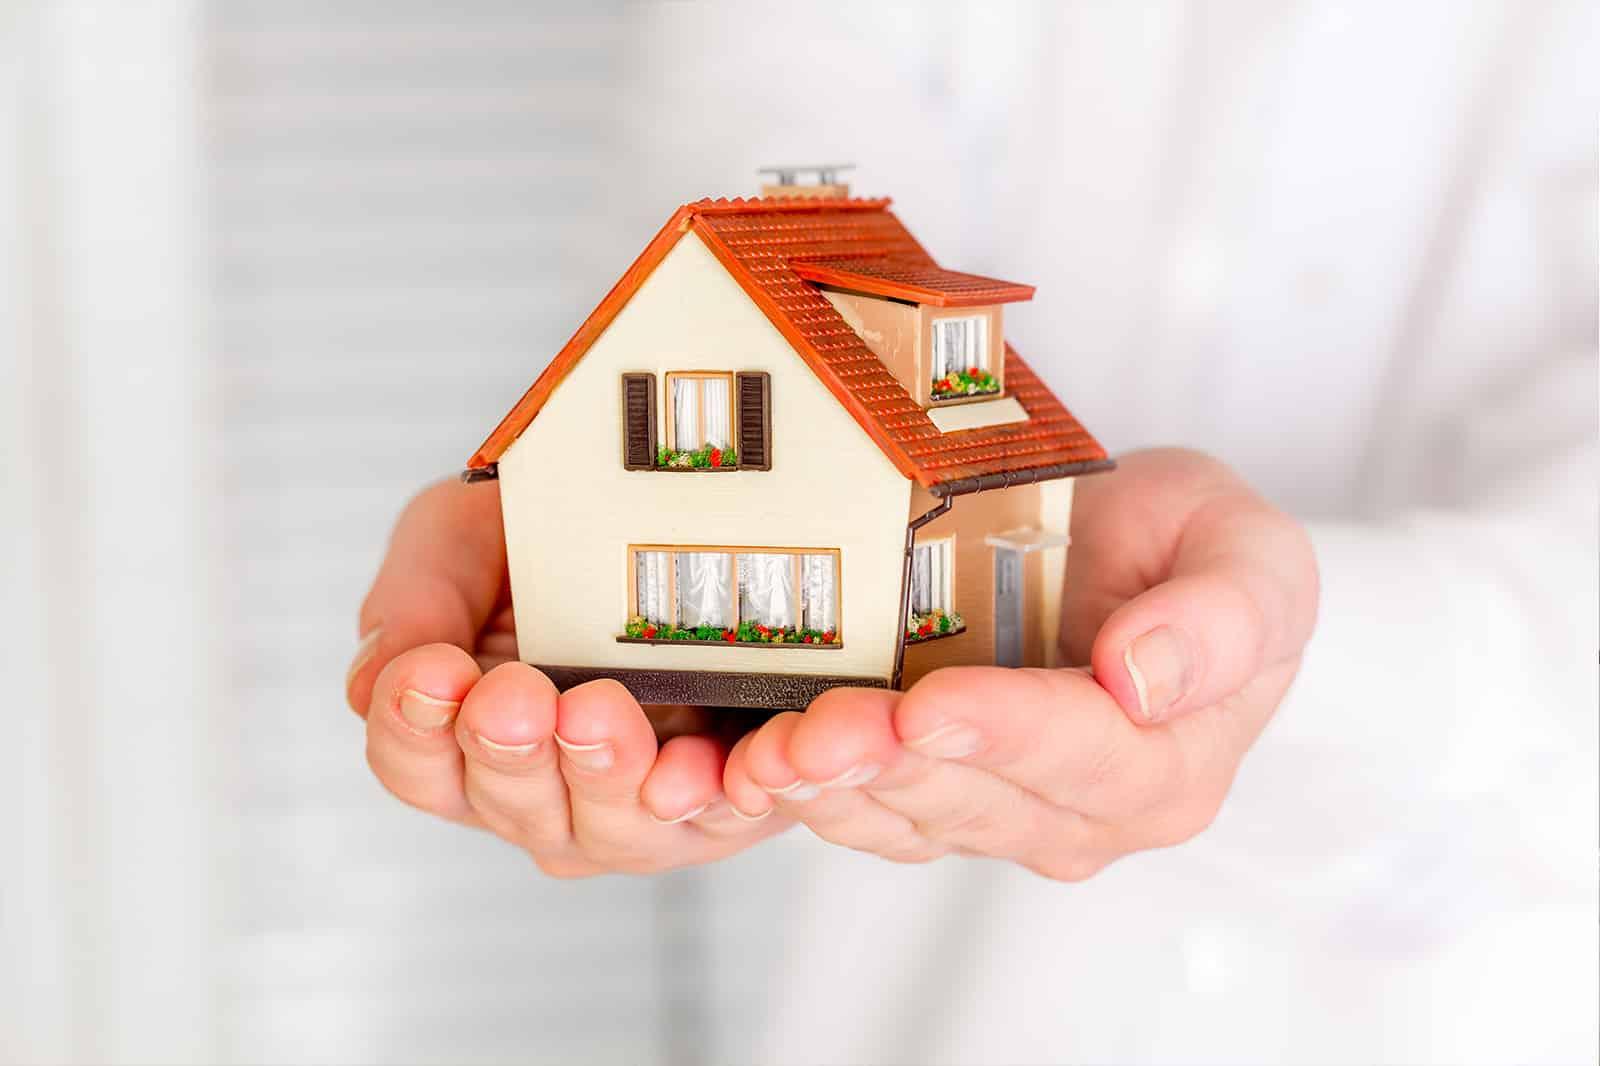 El alquiler de viviendas crece en Barcelona un 12,3 % y en Madrid un 4,1 %